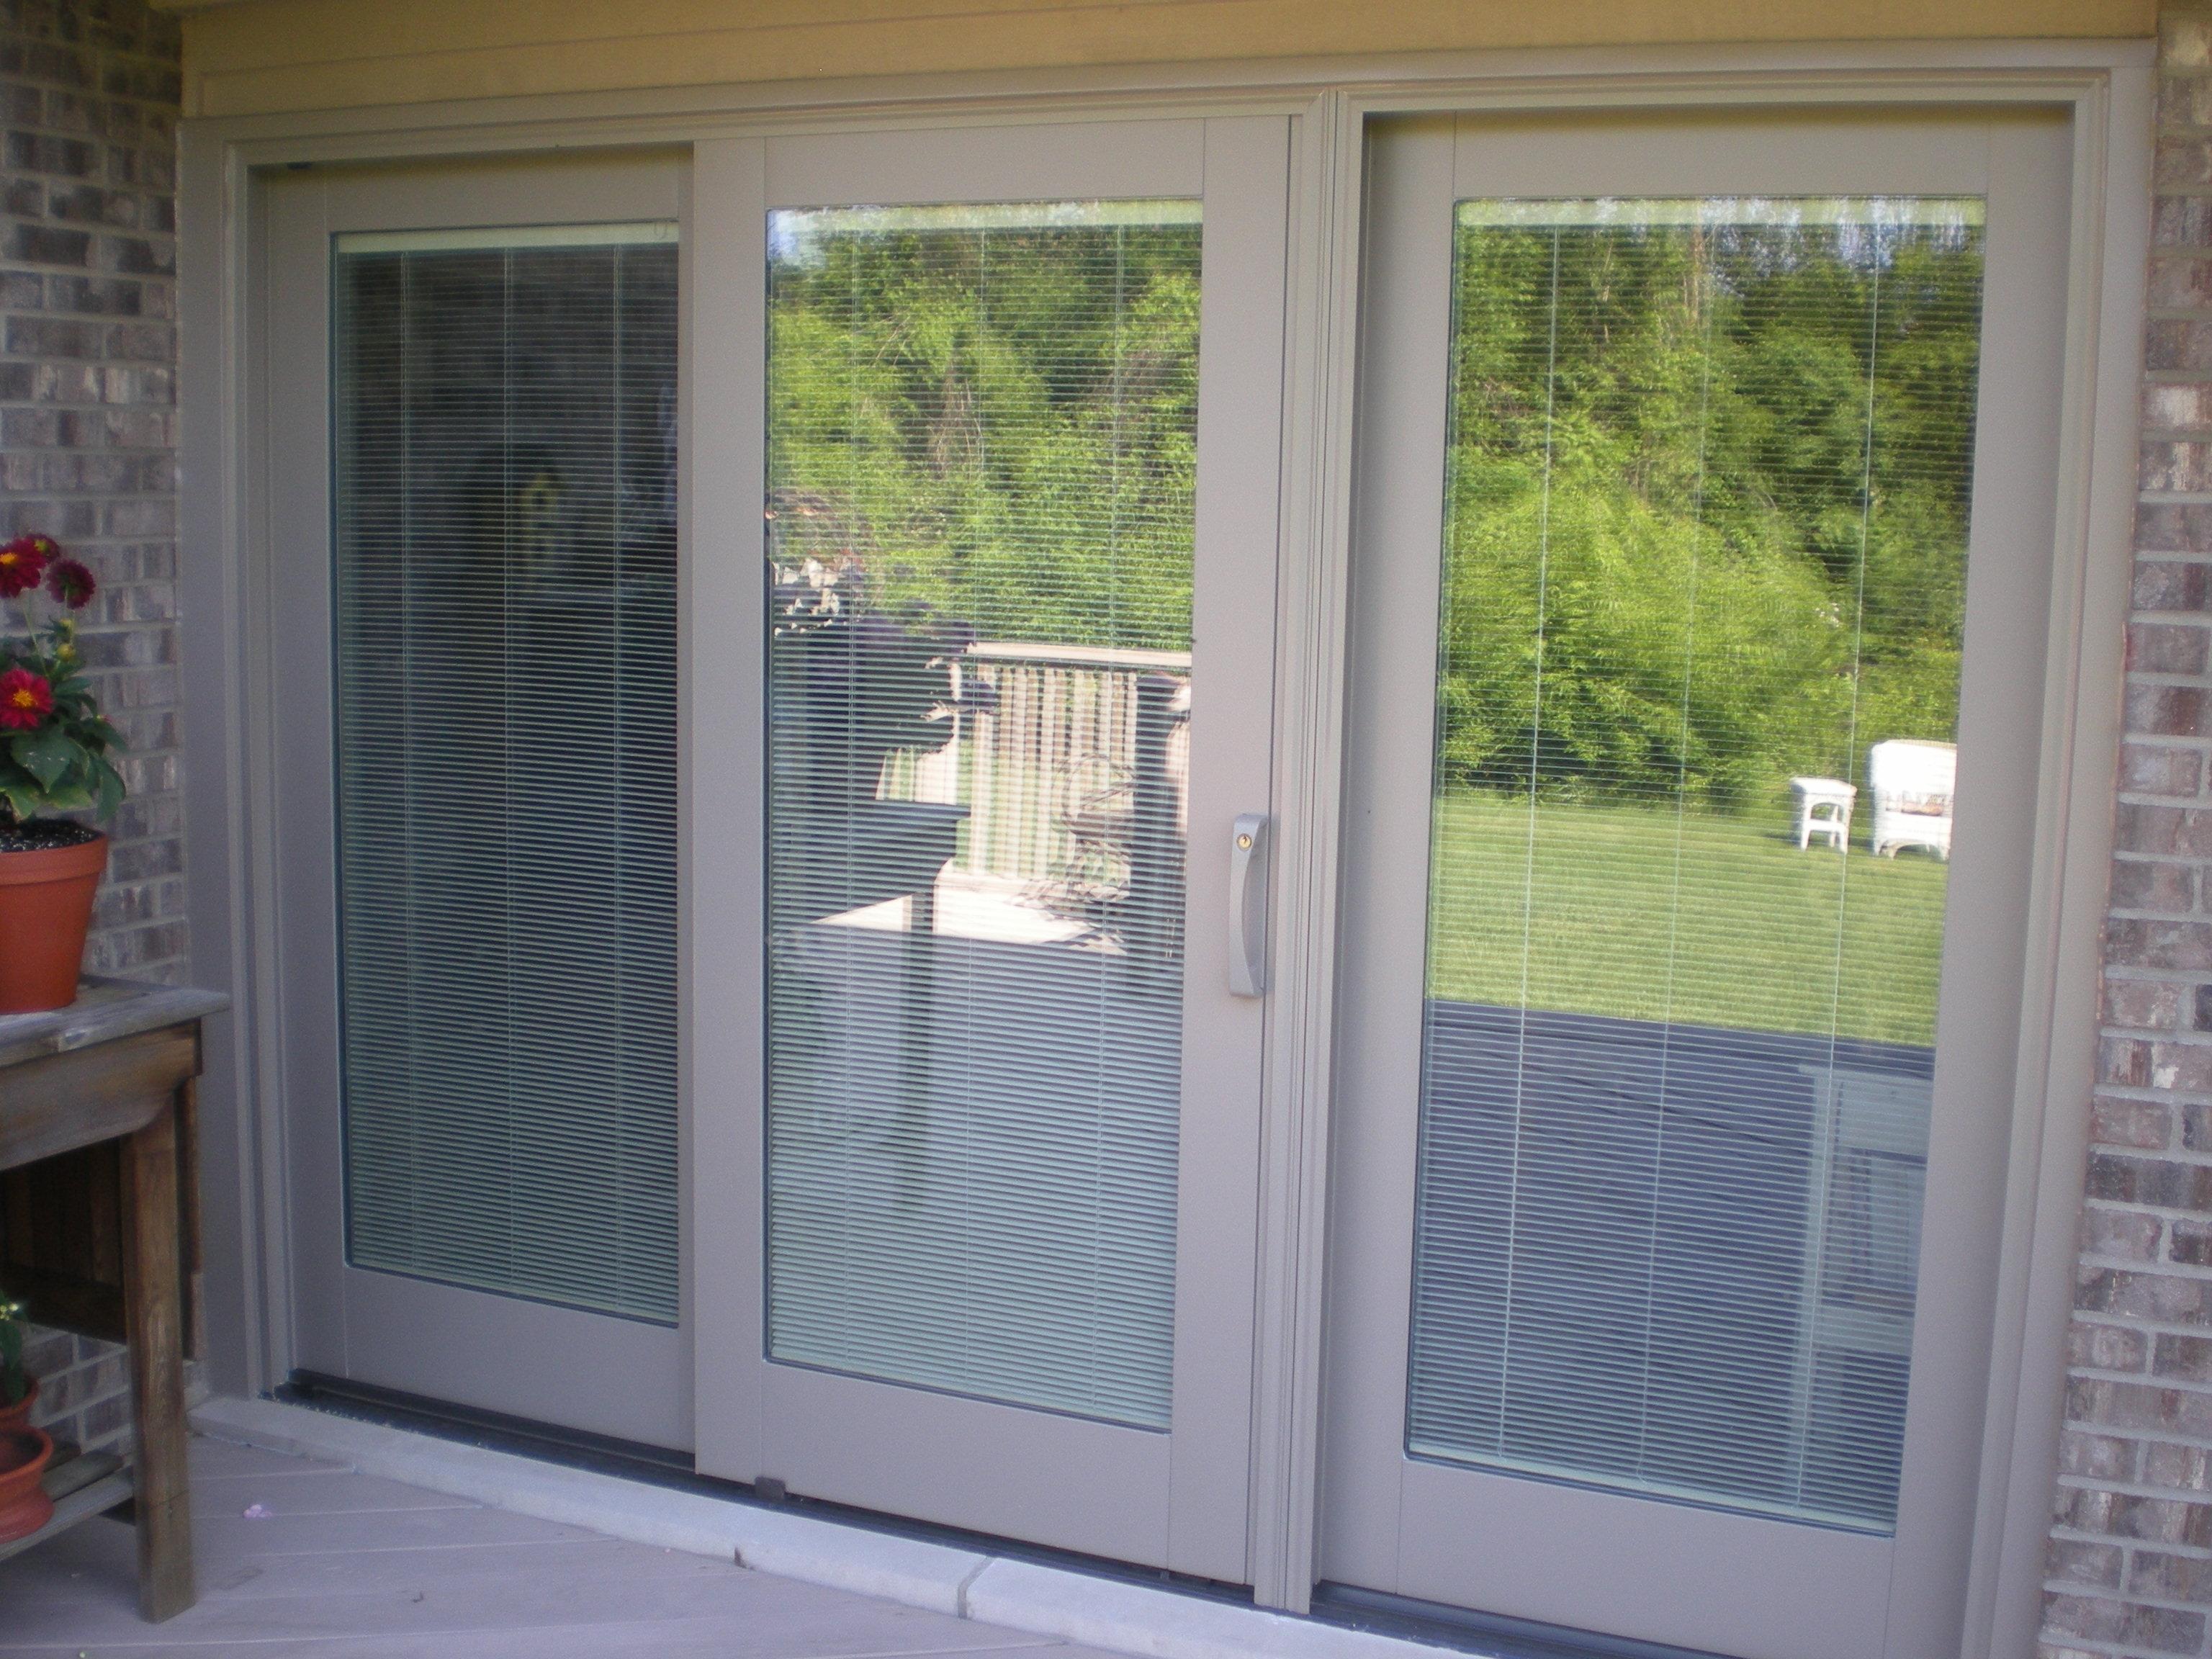 Pella 350 Sliding Door With Blindspella 350 series sliding door with blinds sliding doors design